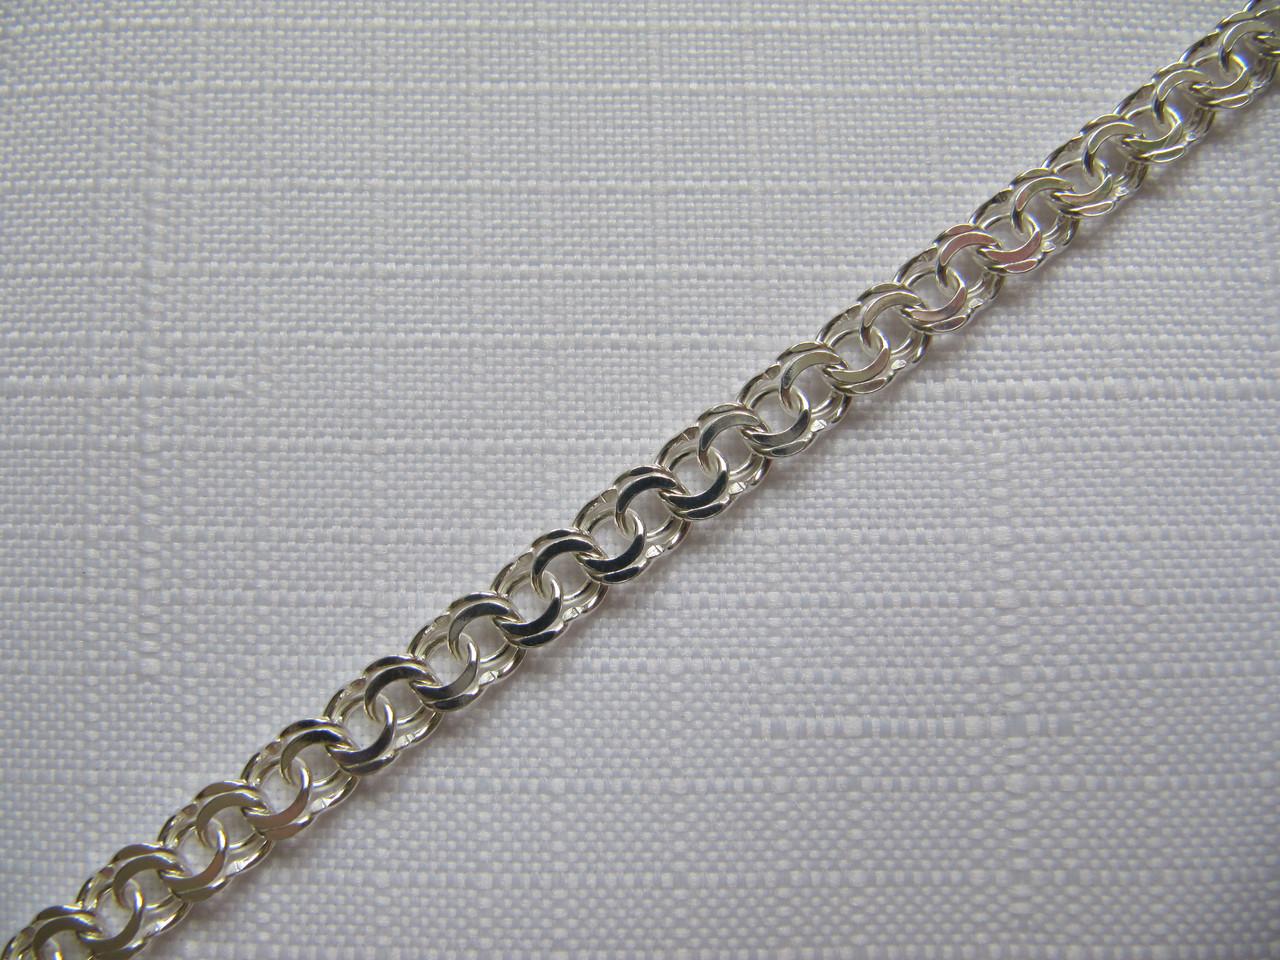 Серебряный браслет ГАРИБАЛЬДИ (БИСМАРК) 5.5 мм 17 см